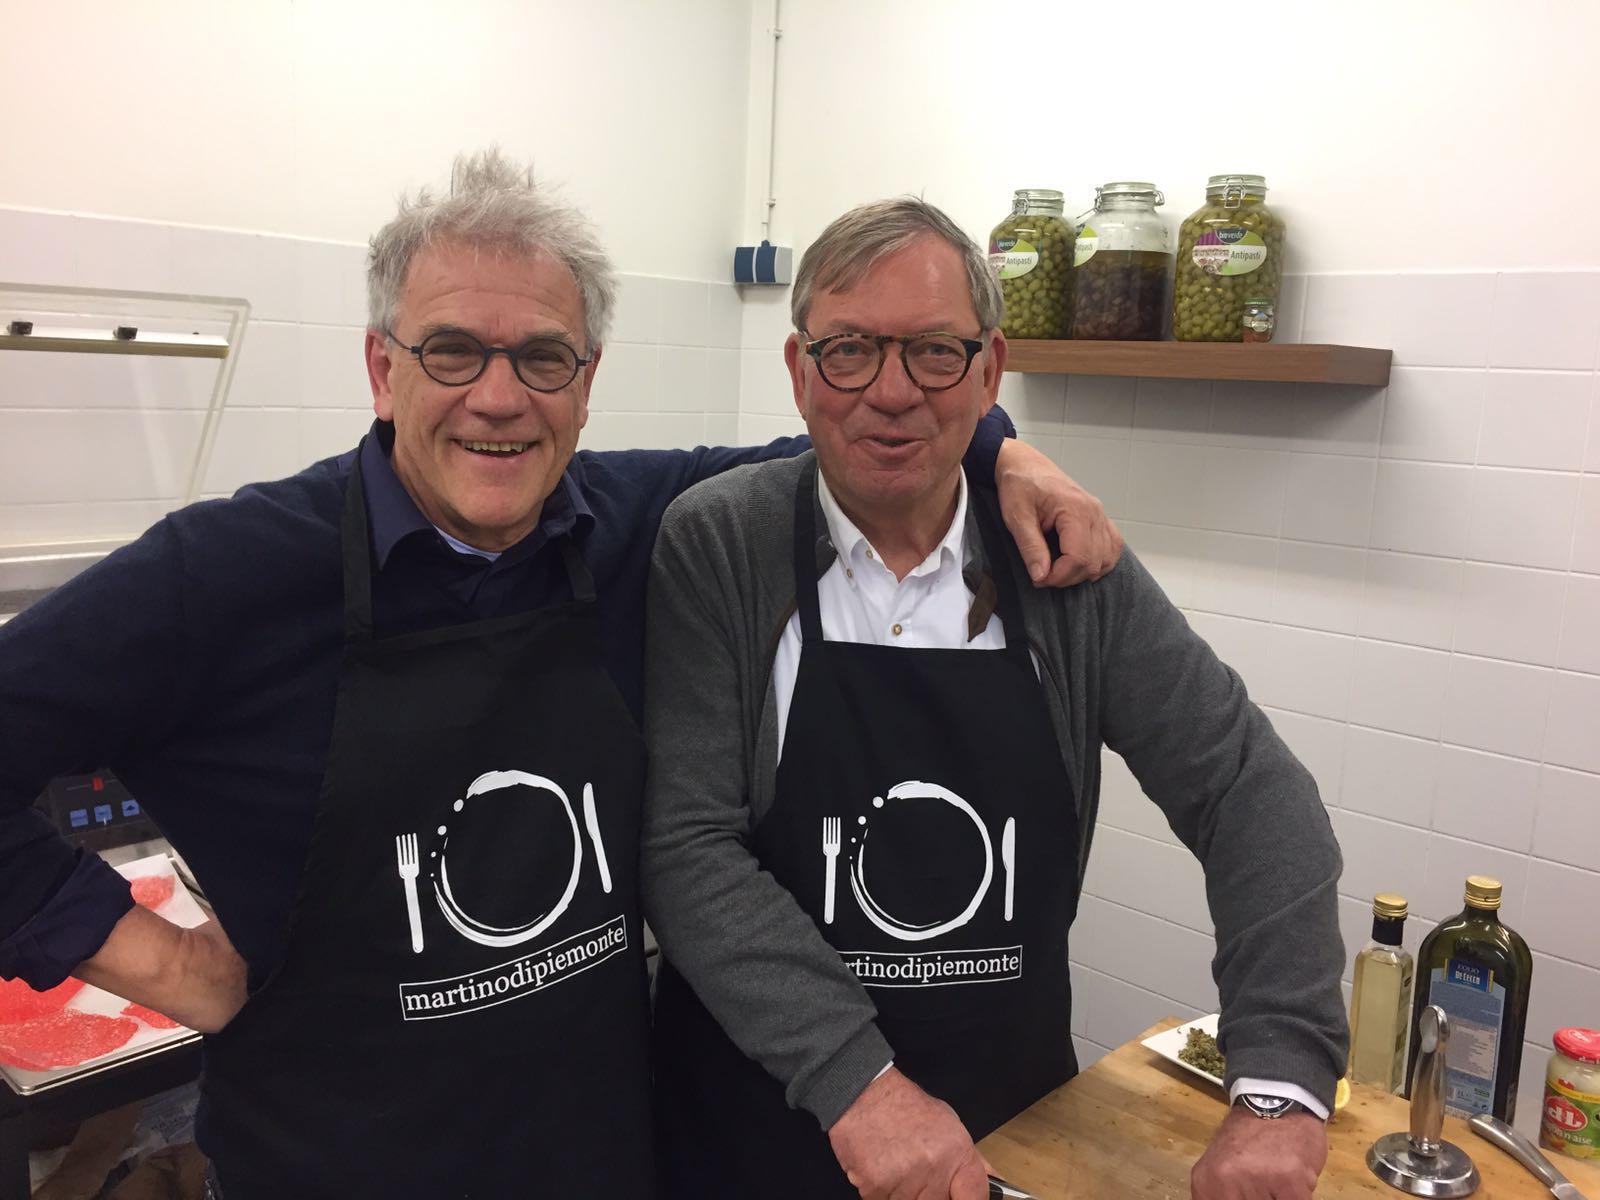 kookworkshop maart 2018 (10)